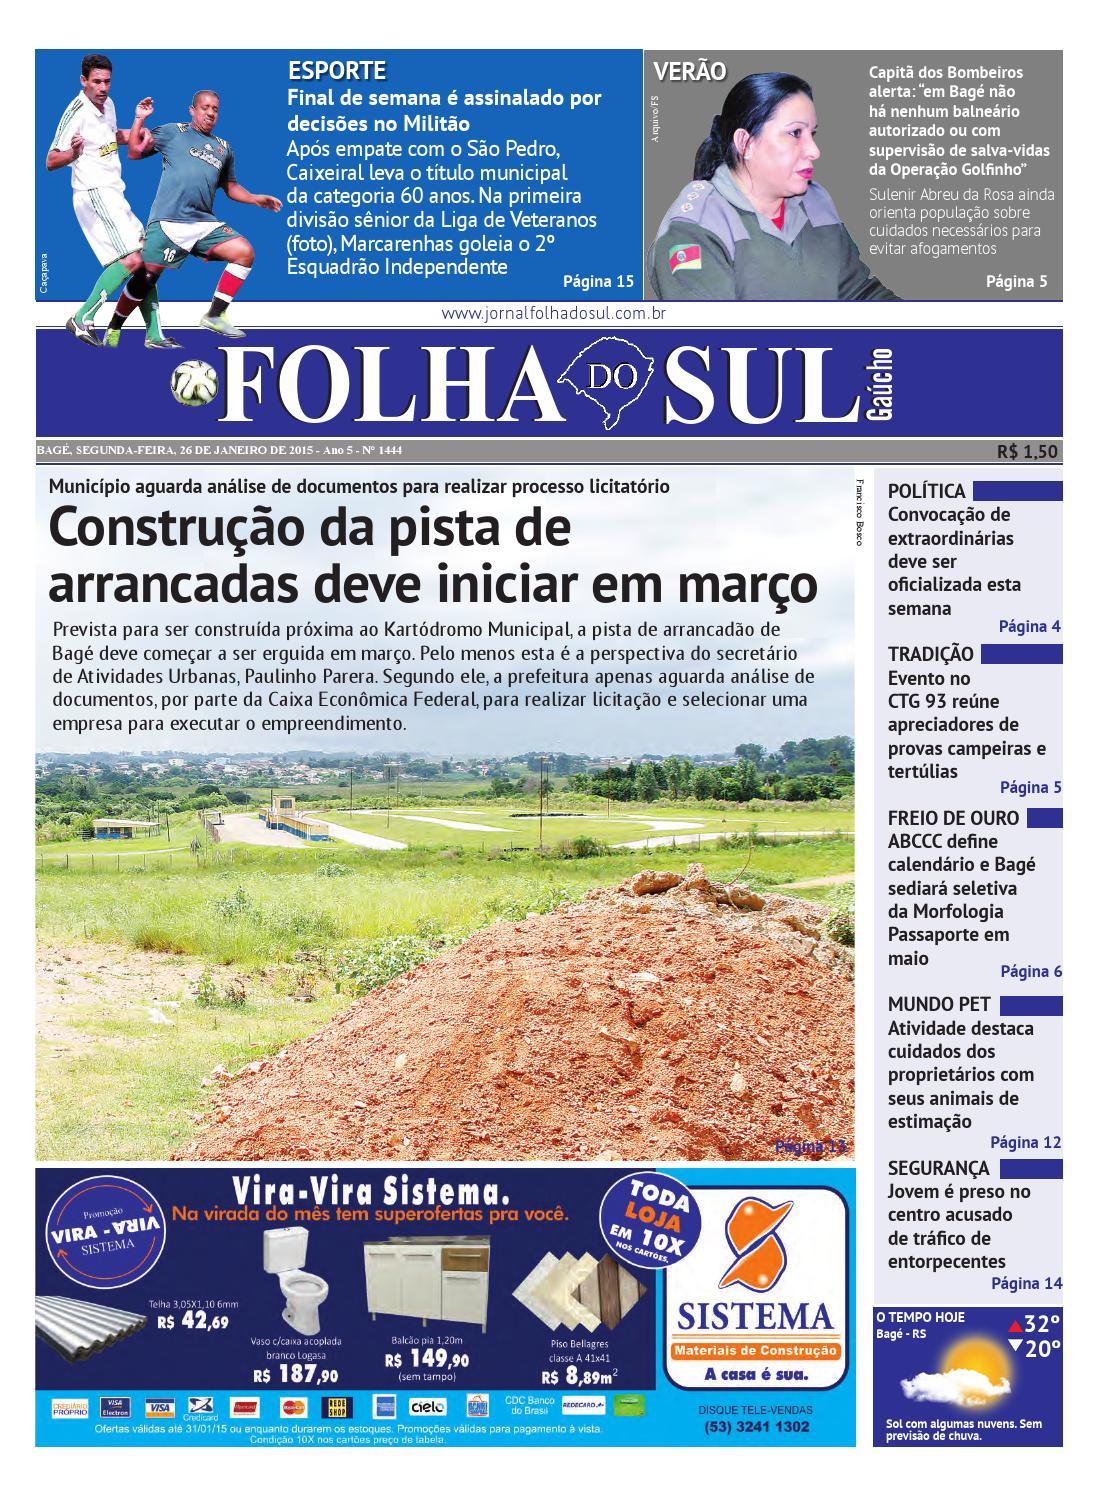 329f4dd4b86ae Folha do Sul Gaúcho Ed. 1444 (26 01 2015) by Folha do Sul Gaúcho - issuu